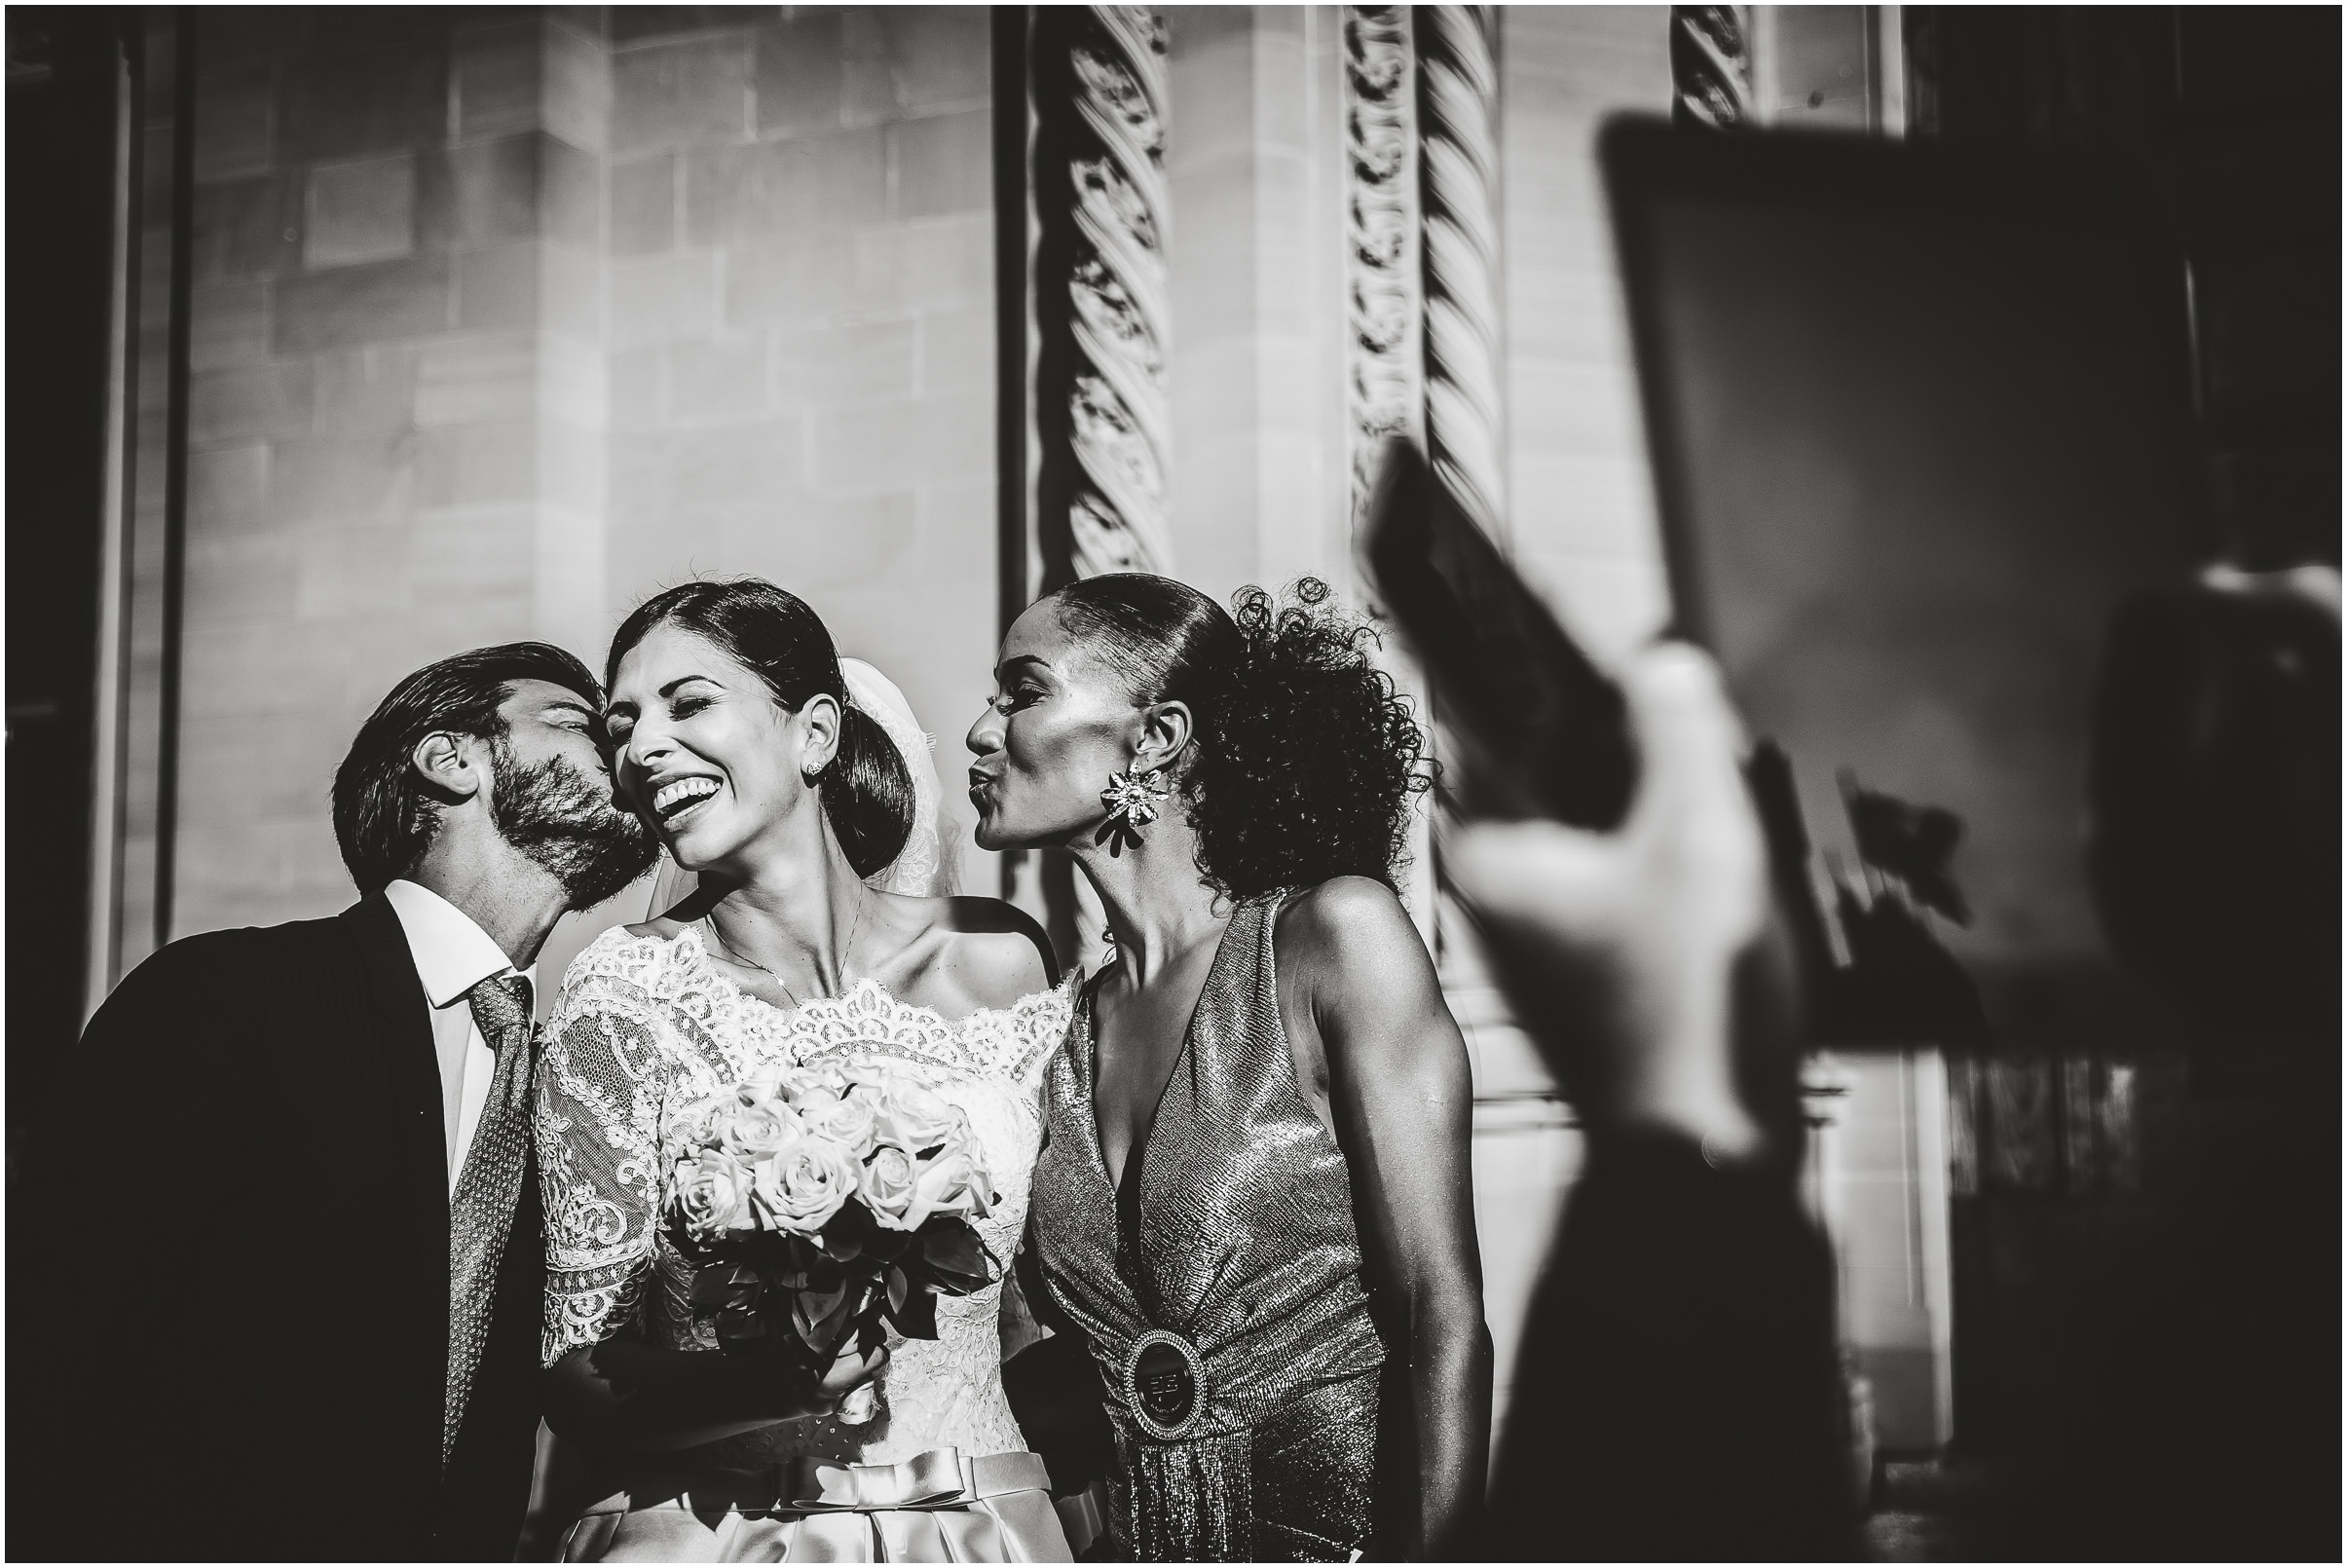 WEDDING-PHOTOGRAPHY-SARA-LORENZONI-FOTOGRAFIA-MATRIMONIO-AREZZO-TUSCANY-EVENTO-LE-SPOSE-DI-GIANNI-ELISA-LUCA029